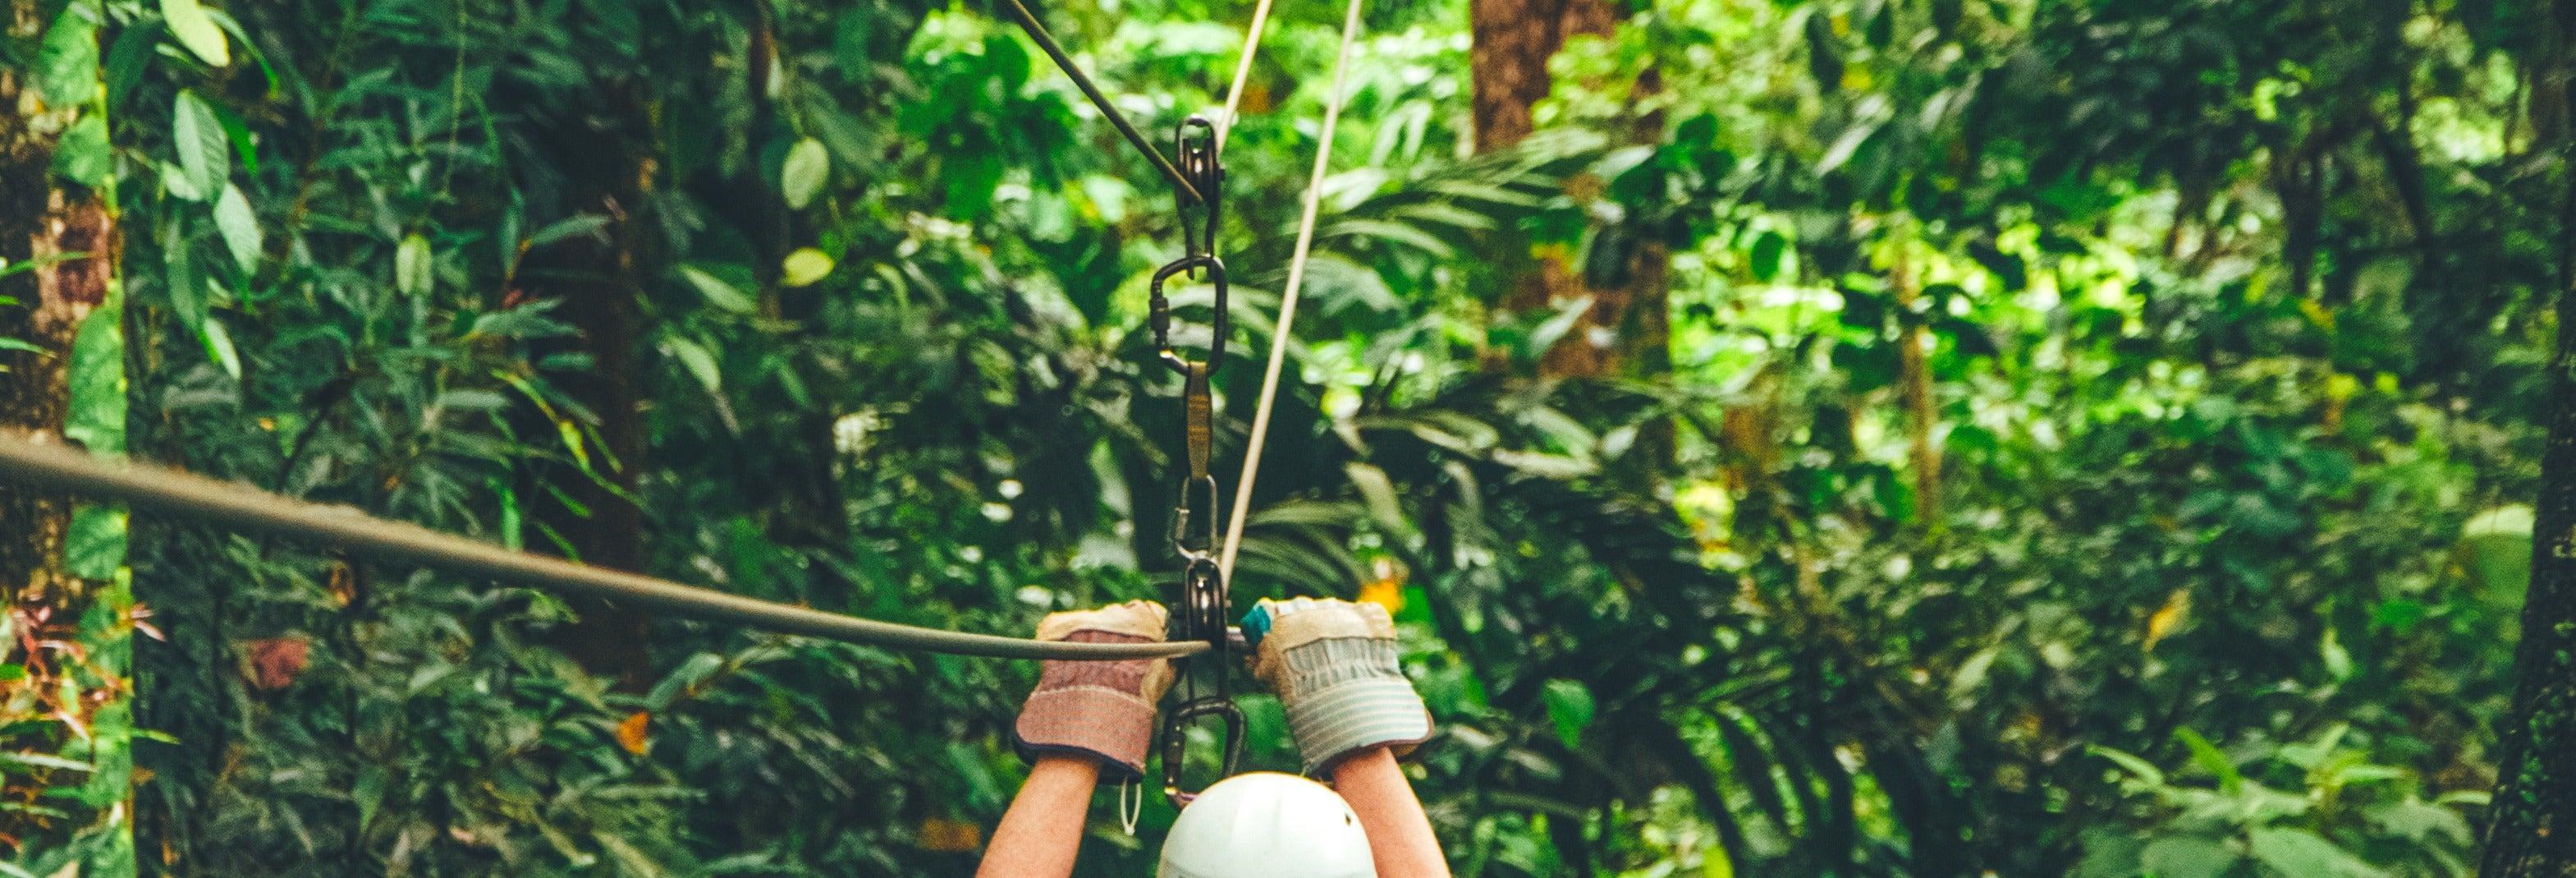 Tirolina en el Parque de Aventura San Luis